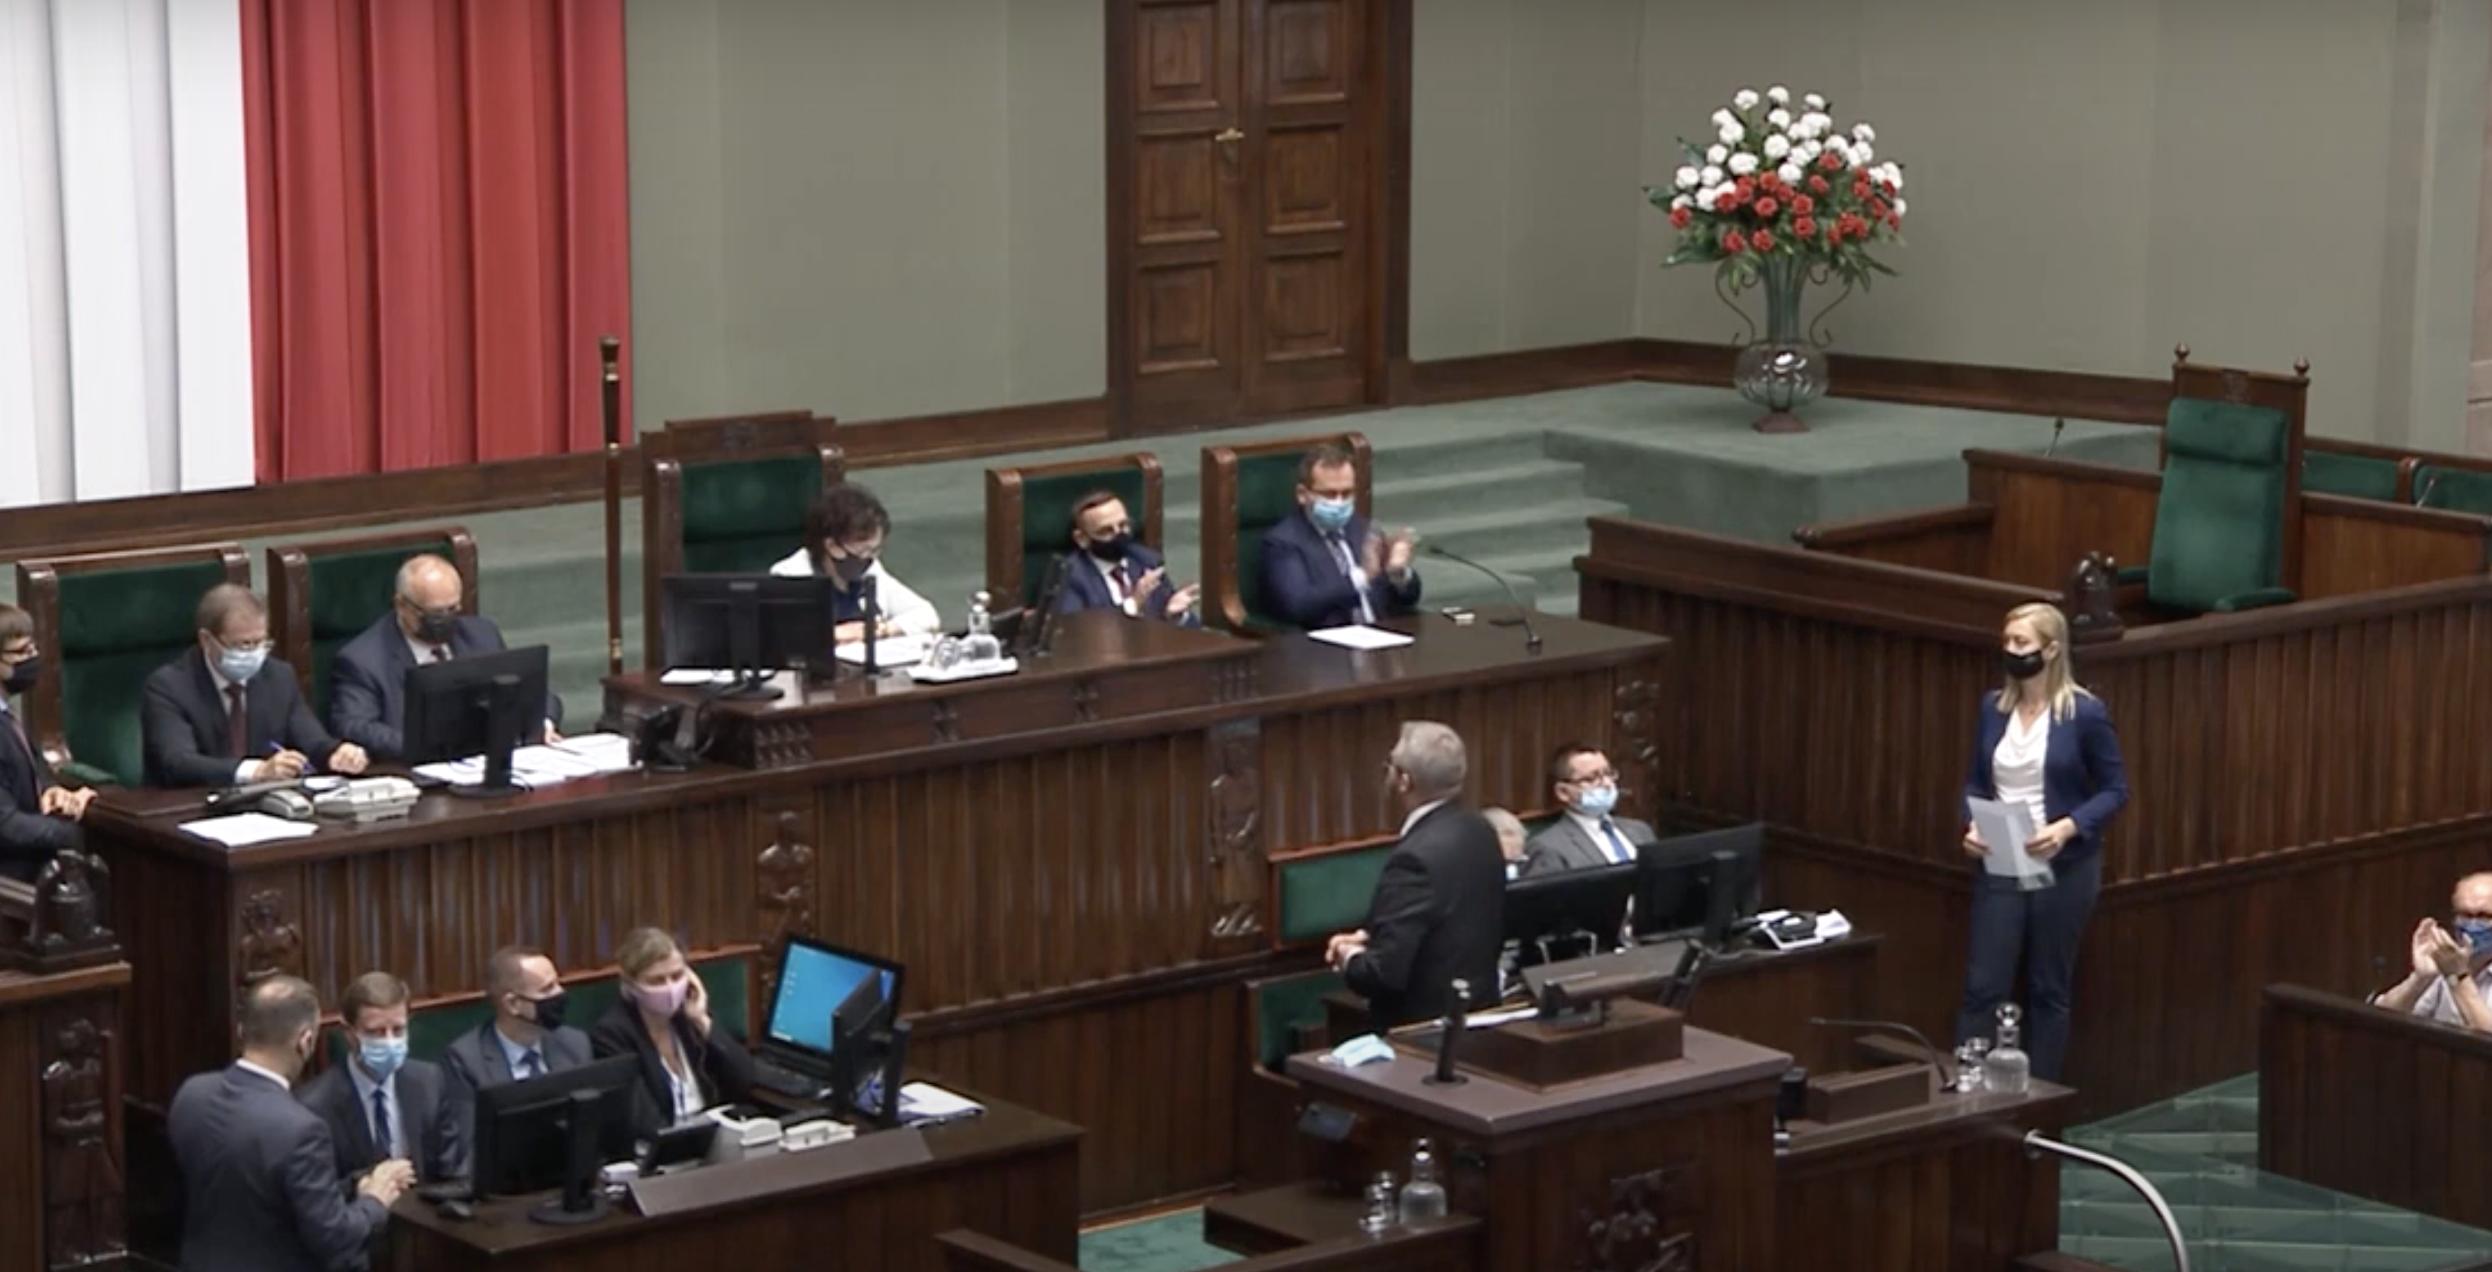 Braun wyrzucony z Sejmu. Nie chciał założyć maseczki